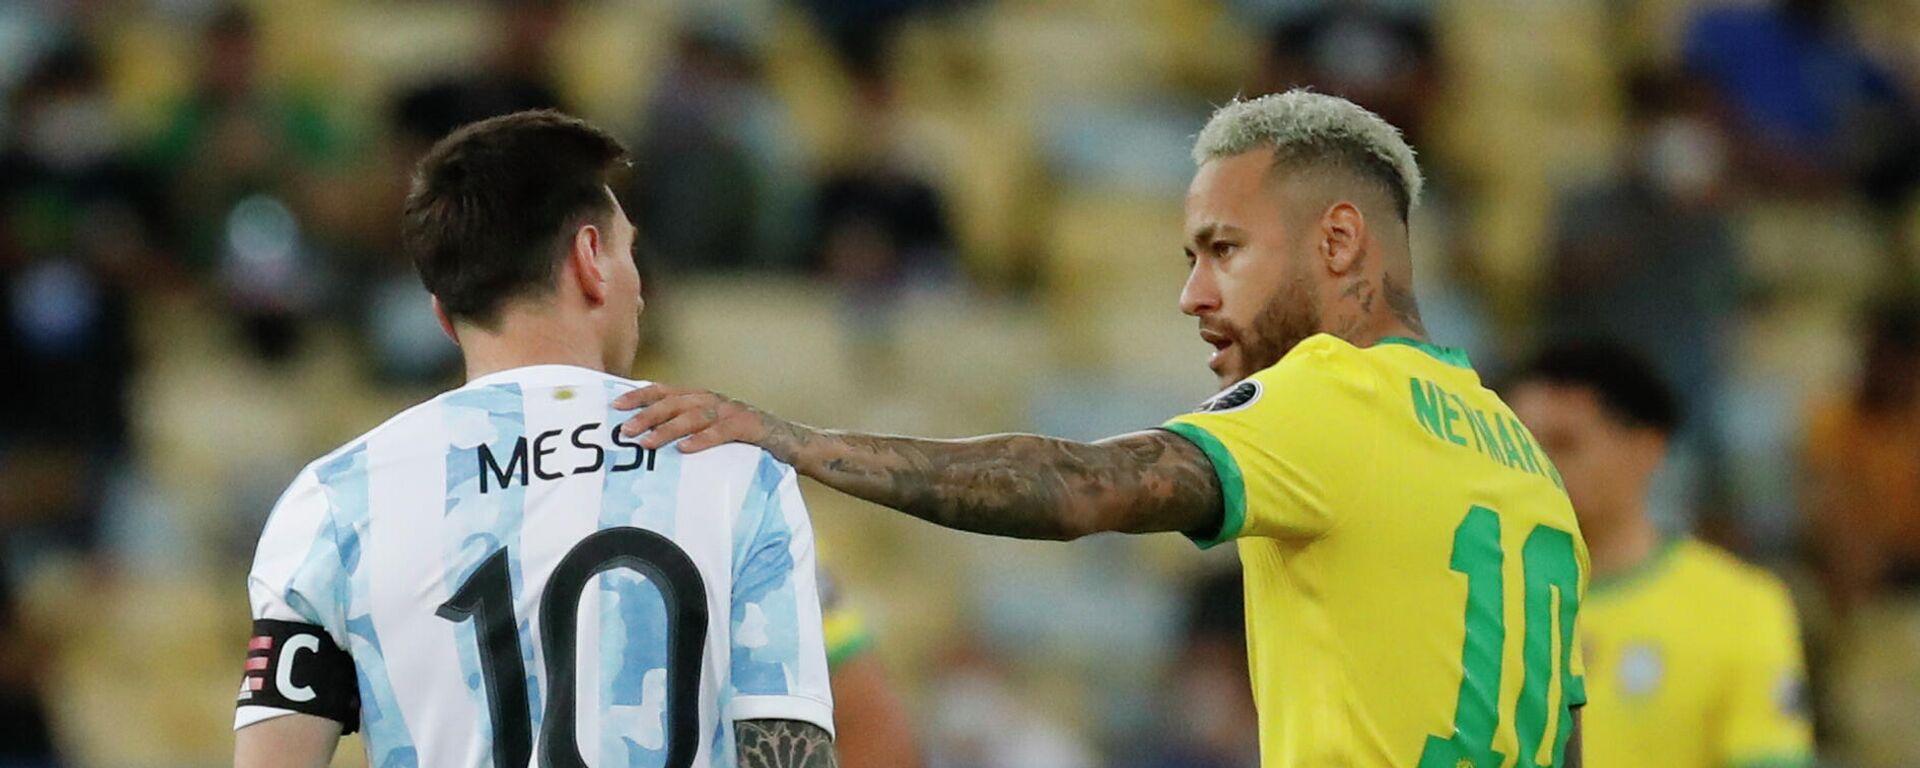 El argentino Lionel Messi y el brasileño Neymar se saludan durante la final de la Copa América 2021 - Sputnik Mundo, 1920, 10.08.2021